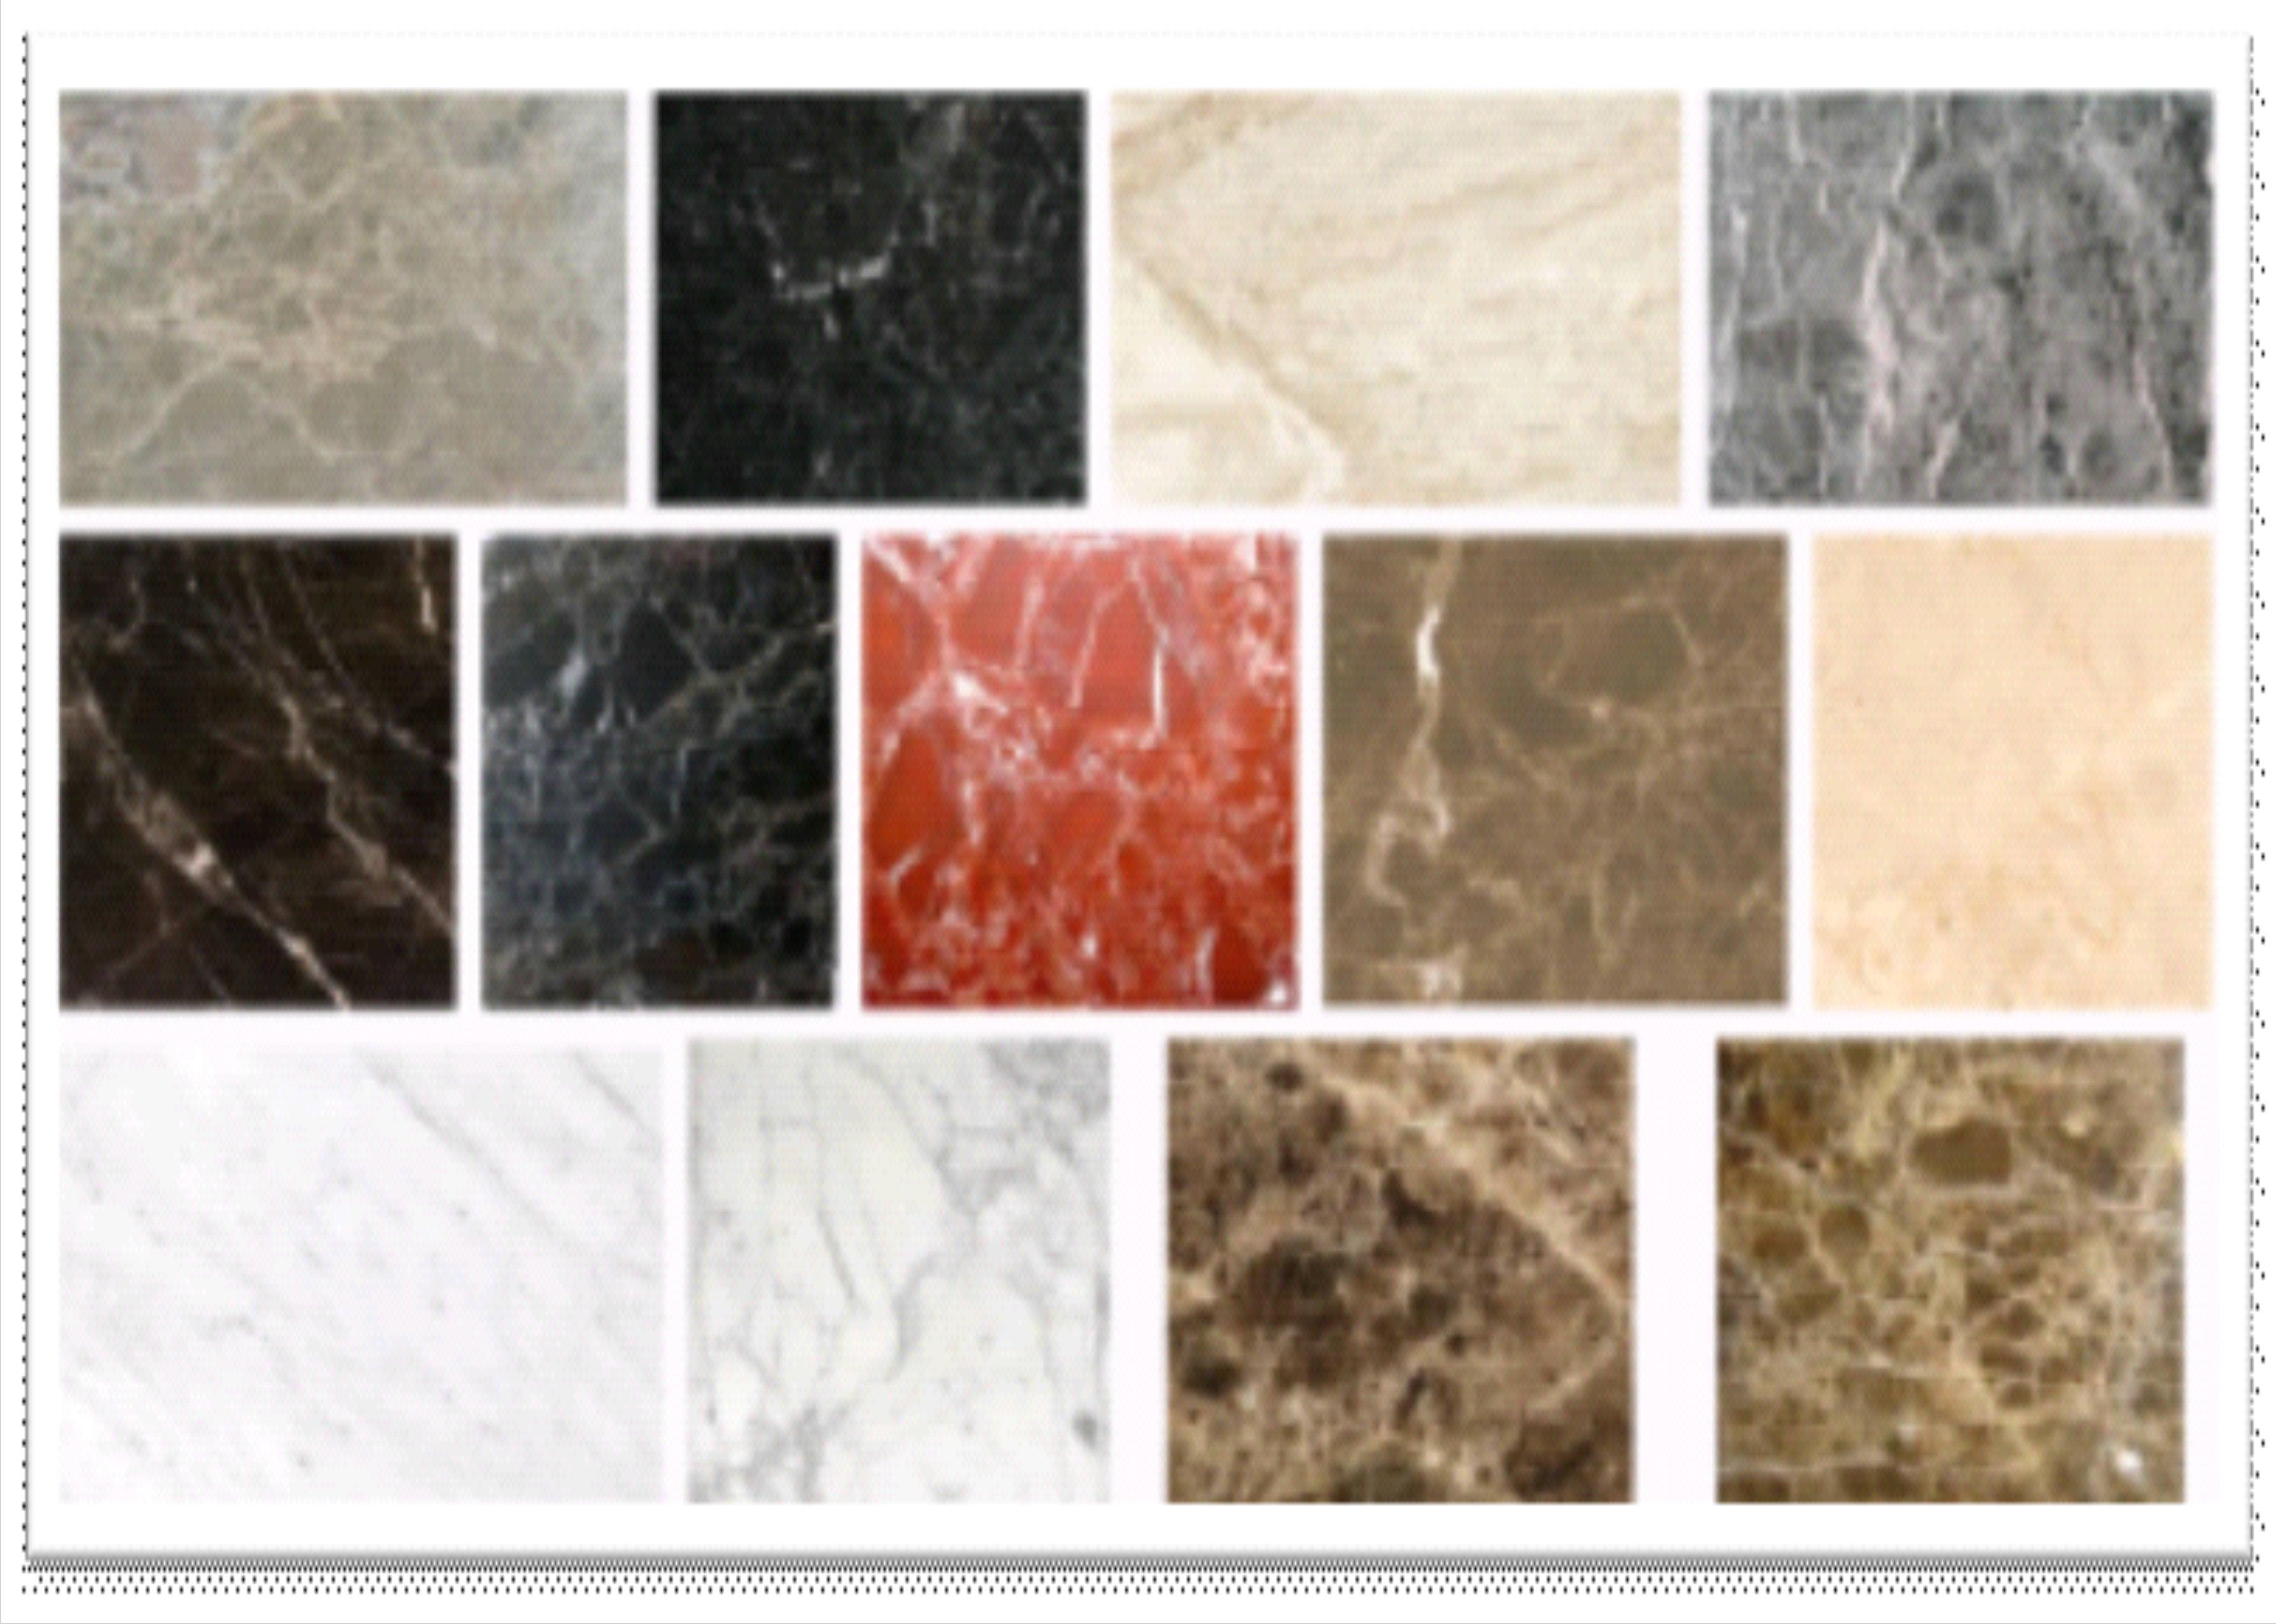 Что такое мрамор - описание, фото камня, состав, свойства, применение, месторождения